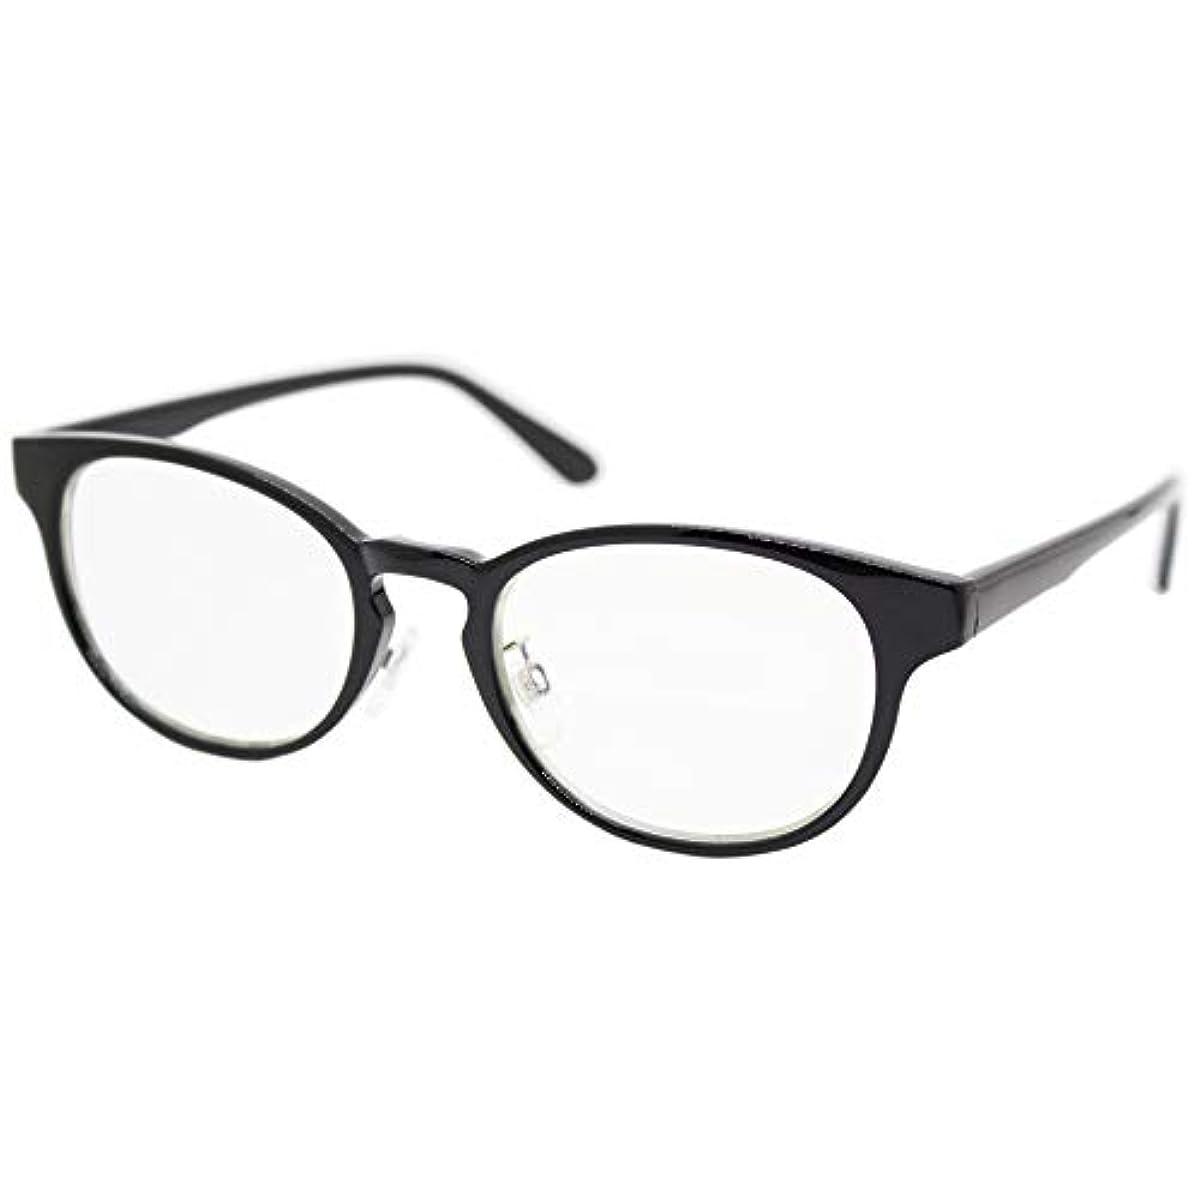 [해외] 에이트eight 도쿄EIGHT TOKYO 【UV컷/블루 라이트 컷】썬글라스 PC안경 신뢰 사바에산 클리어 렌즈 탑재 안경 맨즈/레이디스 겸용